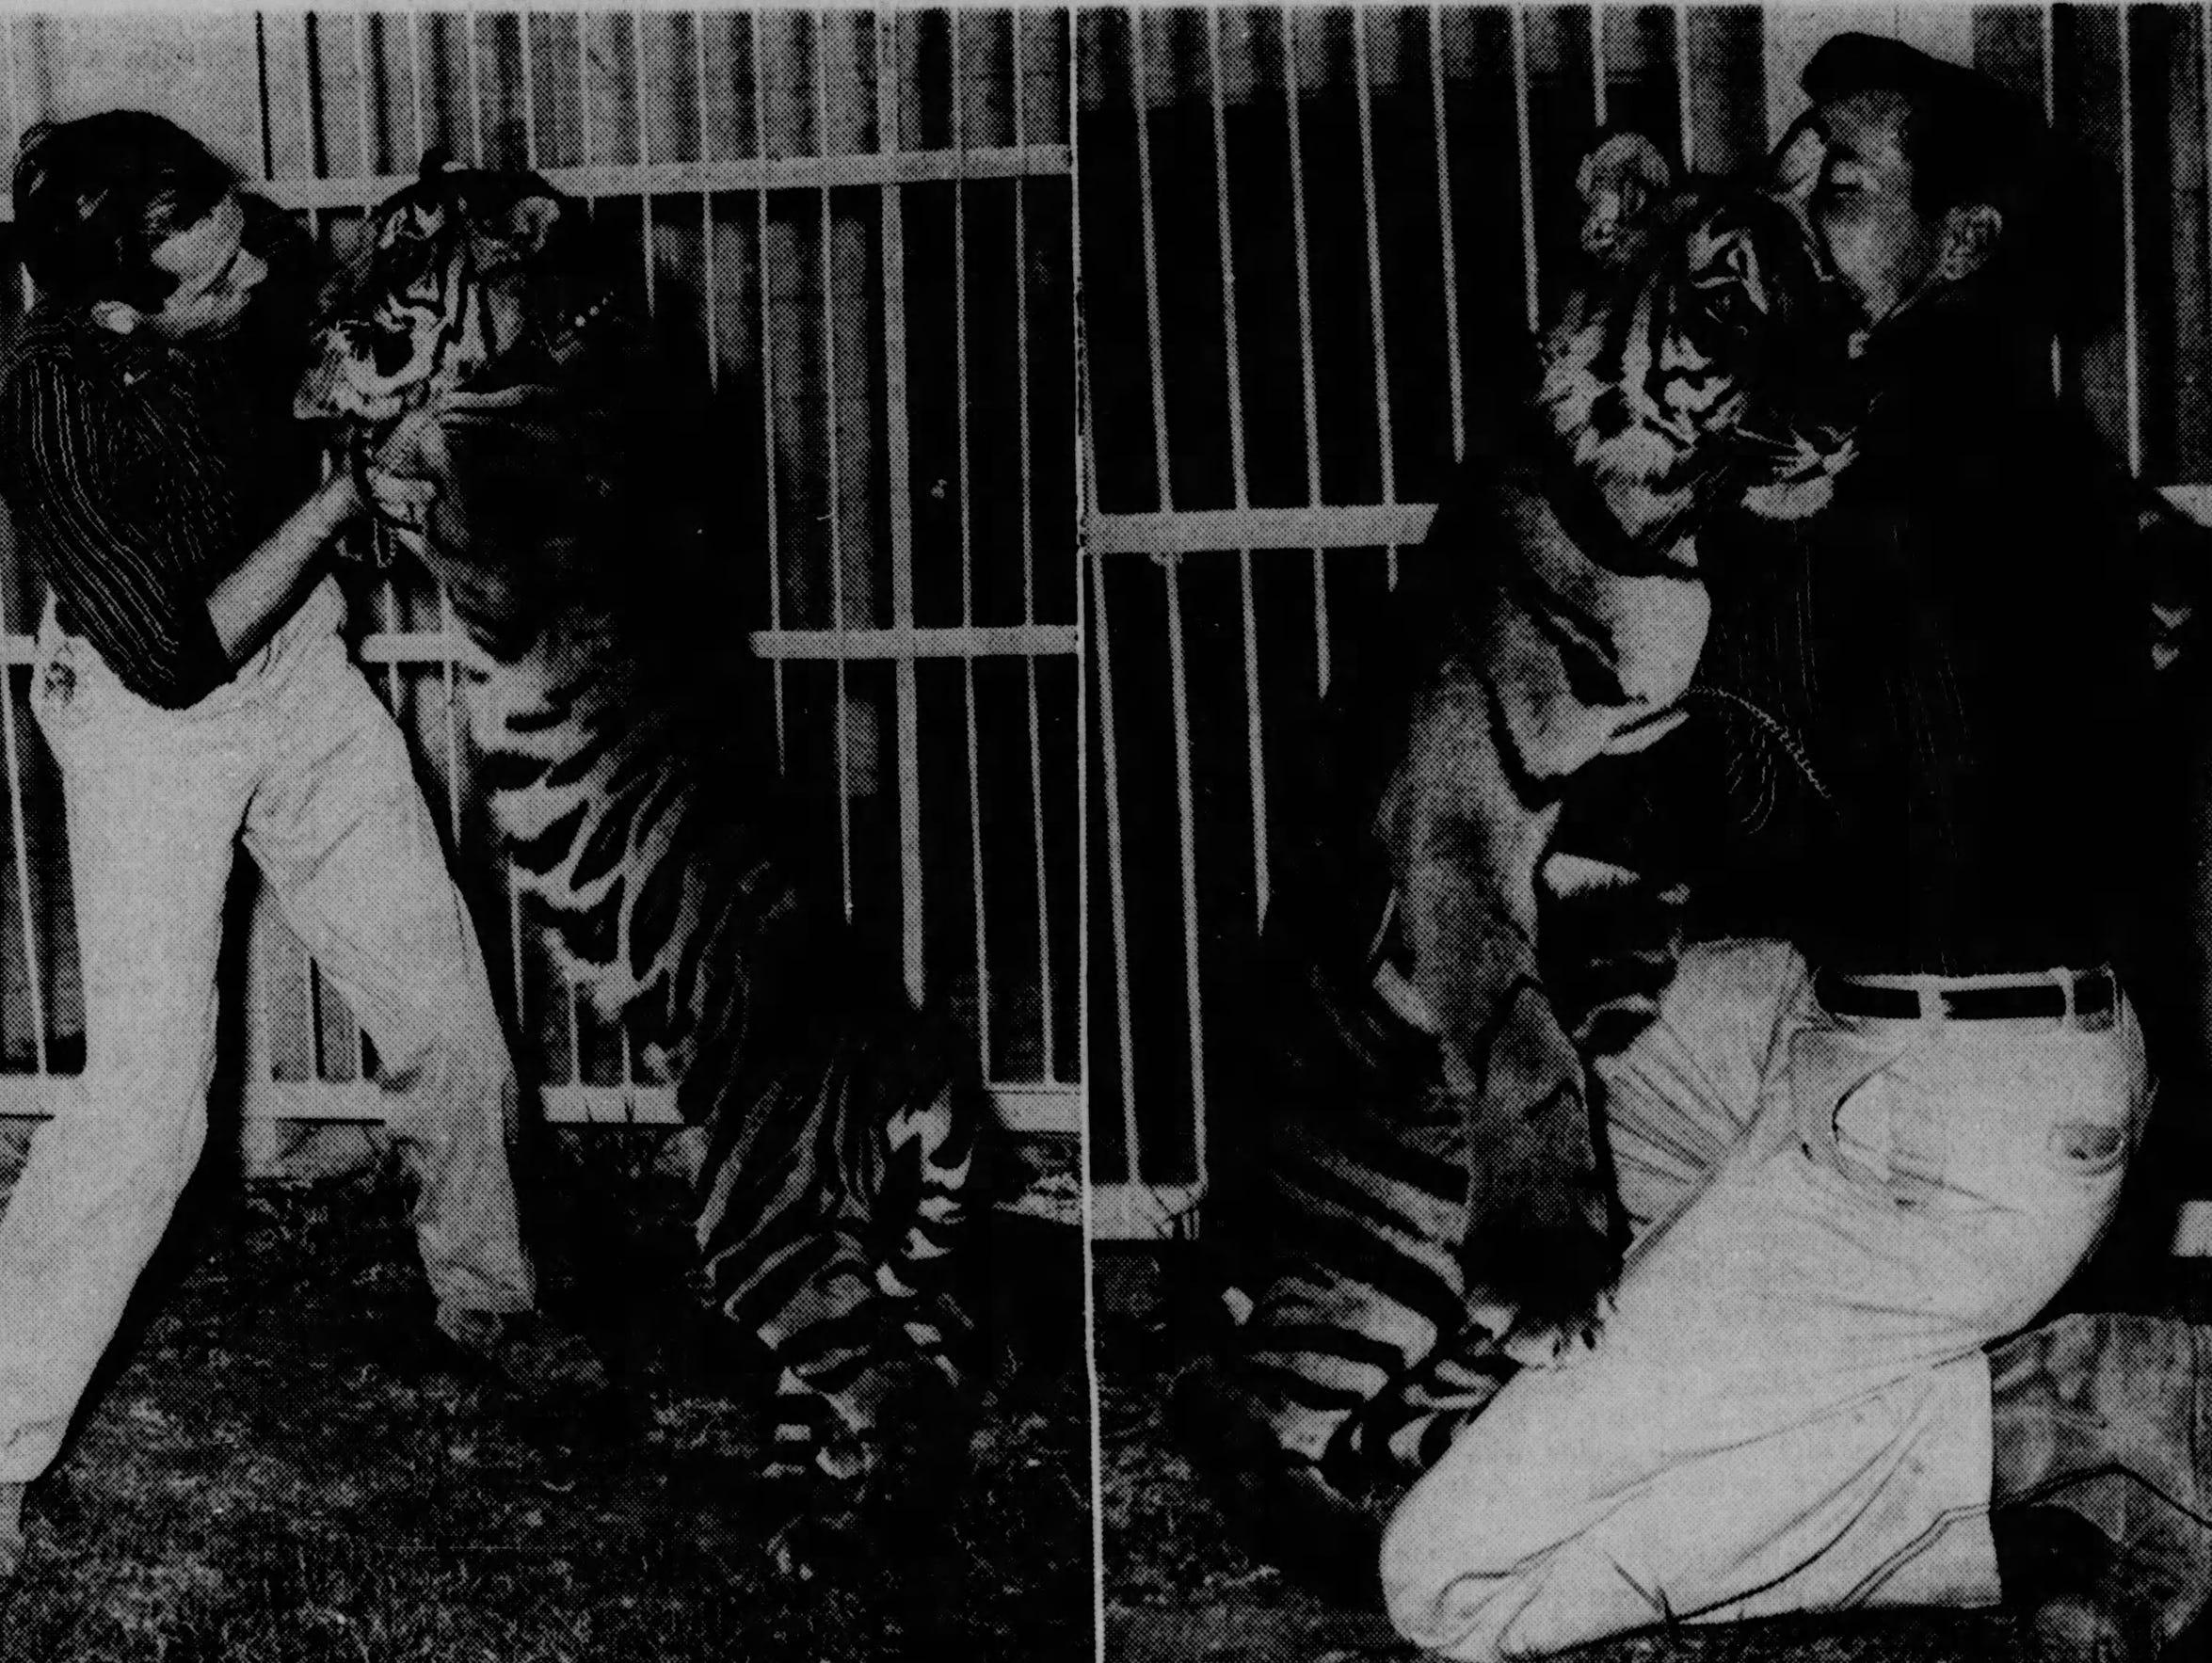 Kit Beecher, then director of Bernstein Park Zoo, plays